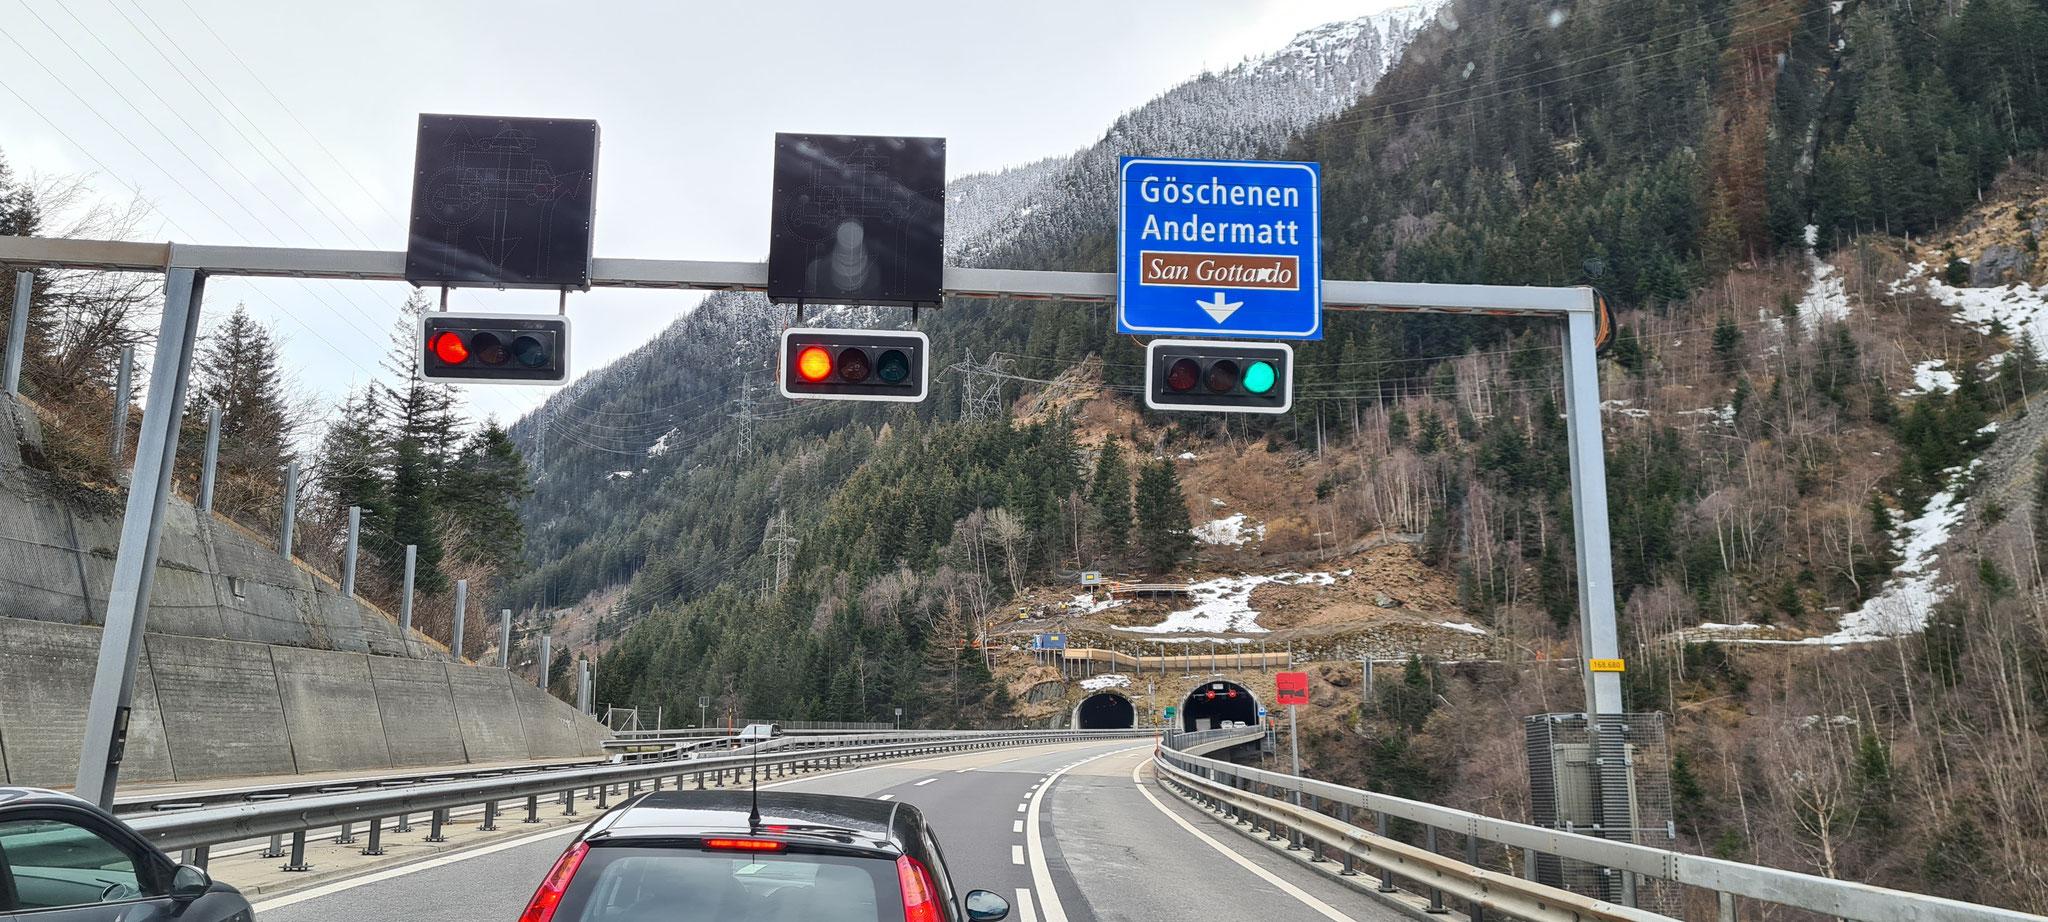 Ein bisschen Stop-and-go vor dem Gotthardtunnel